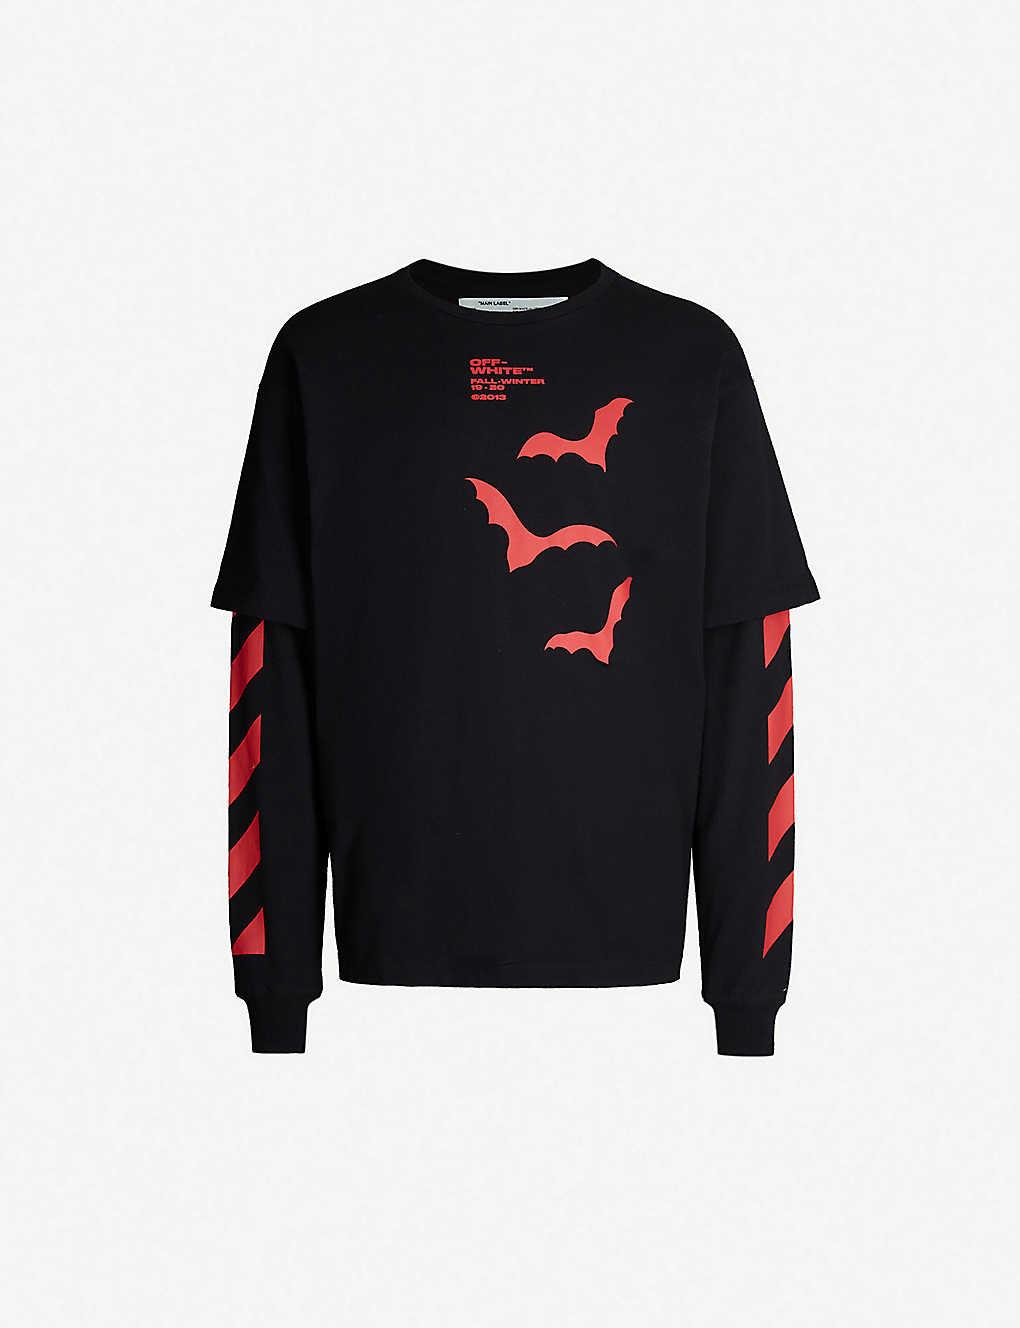 cf5b6781413 OFF-WHITE C/O VIRGIL ABLOH - Bats-print cotton-jersey T-shirt ...